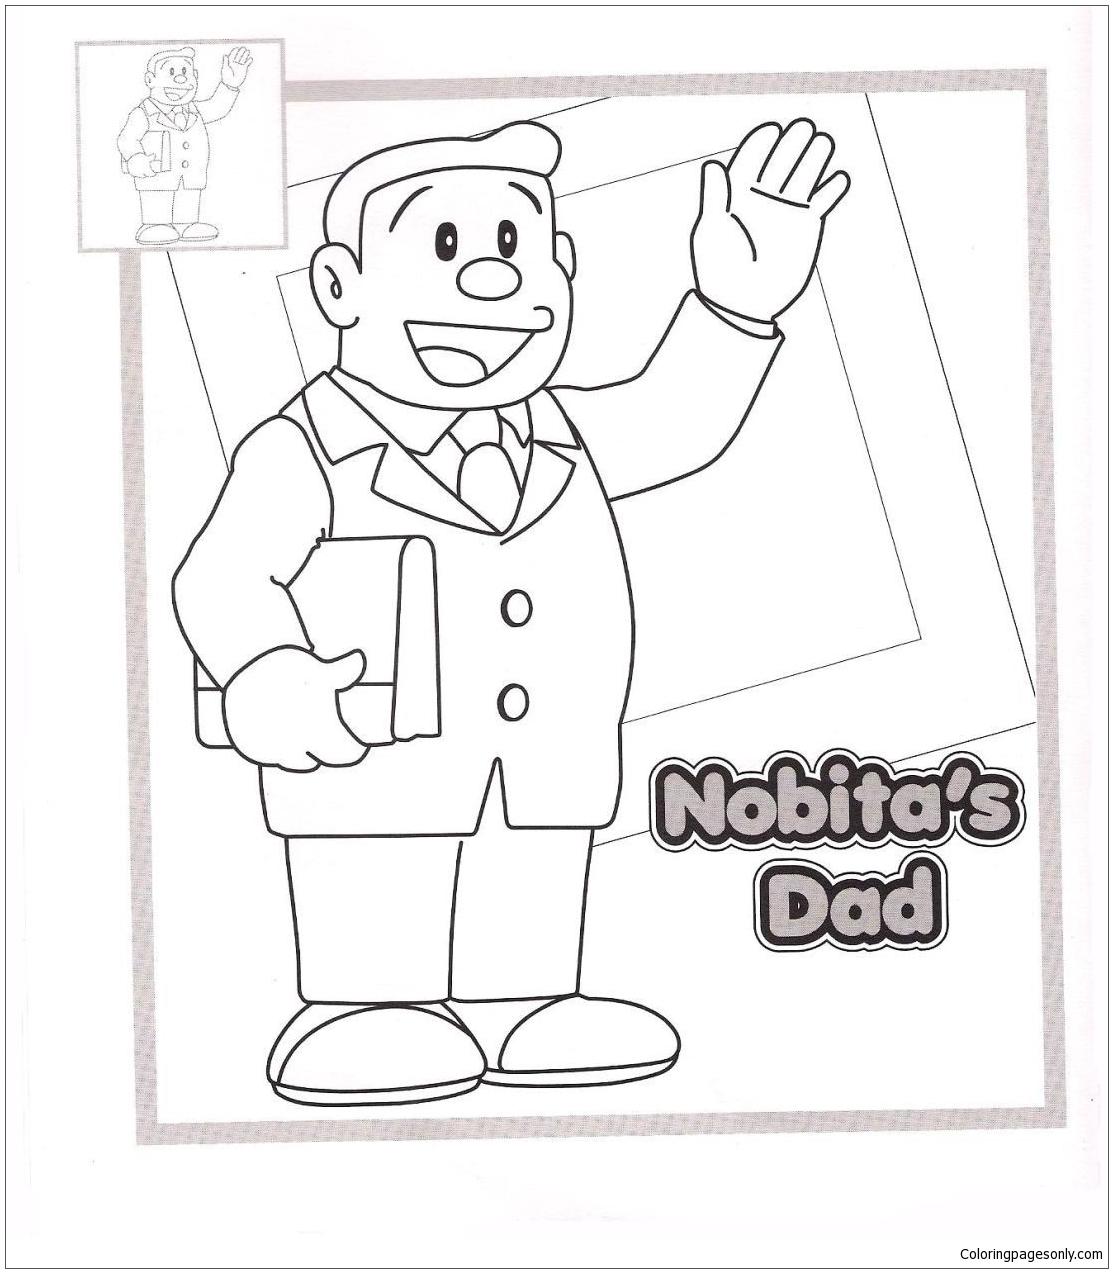 Nobita S Dad Coloring Page